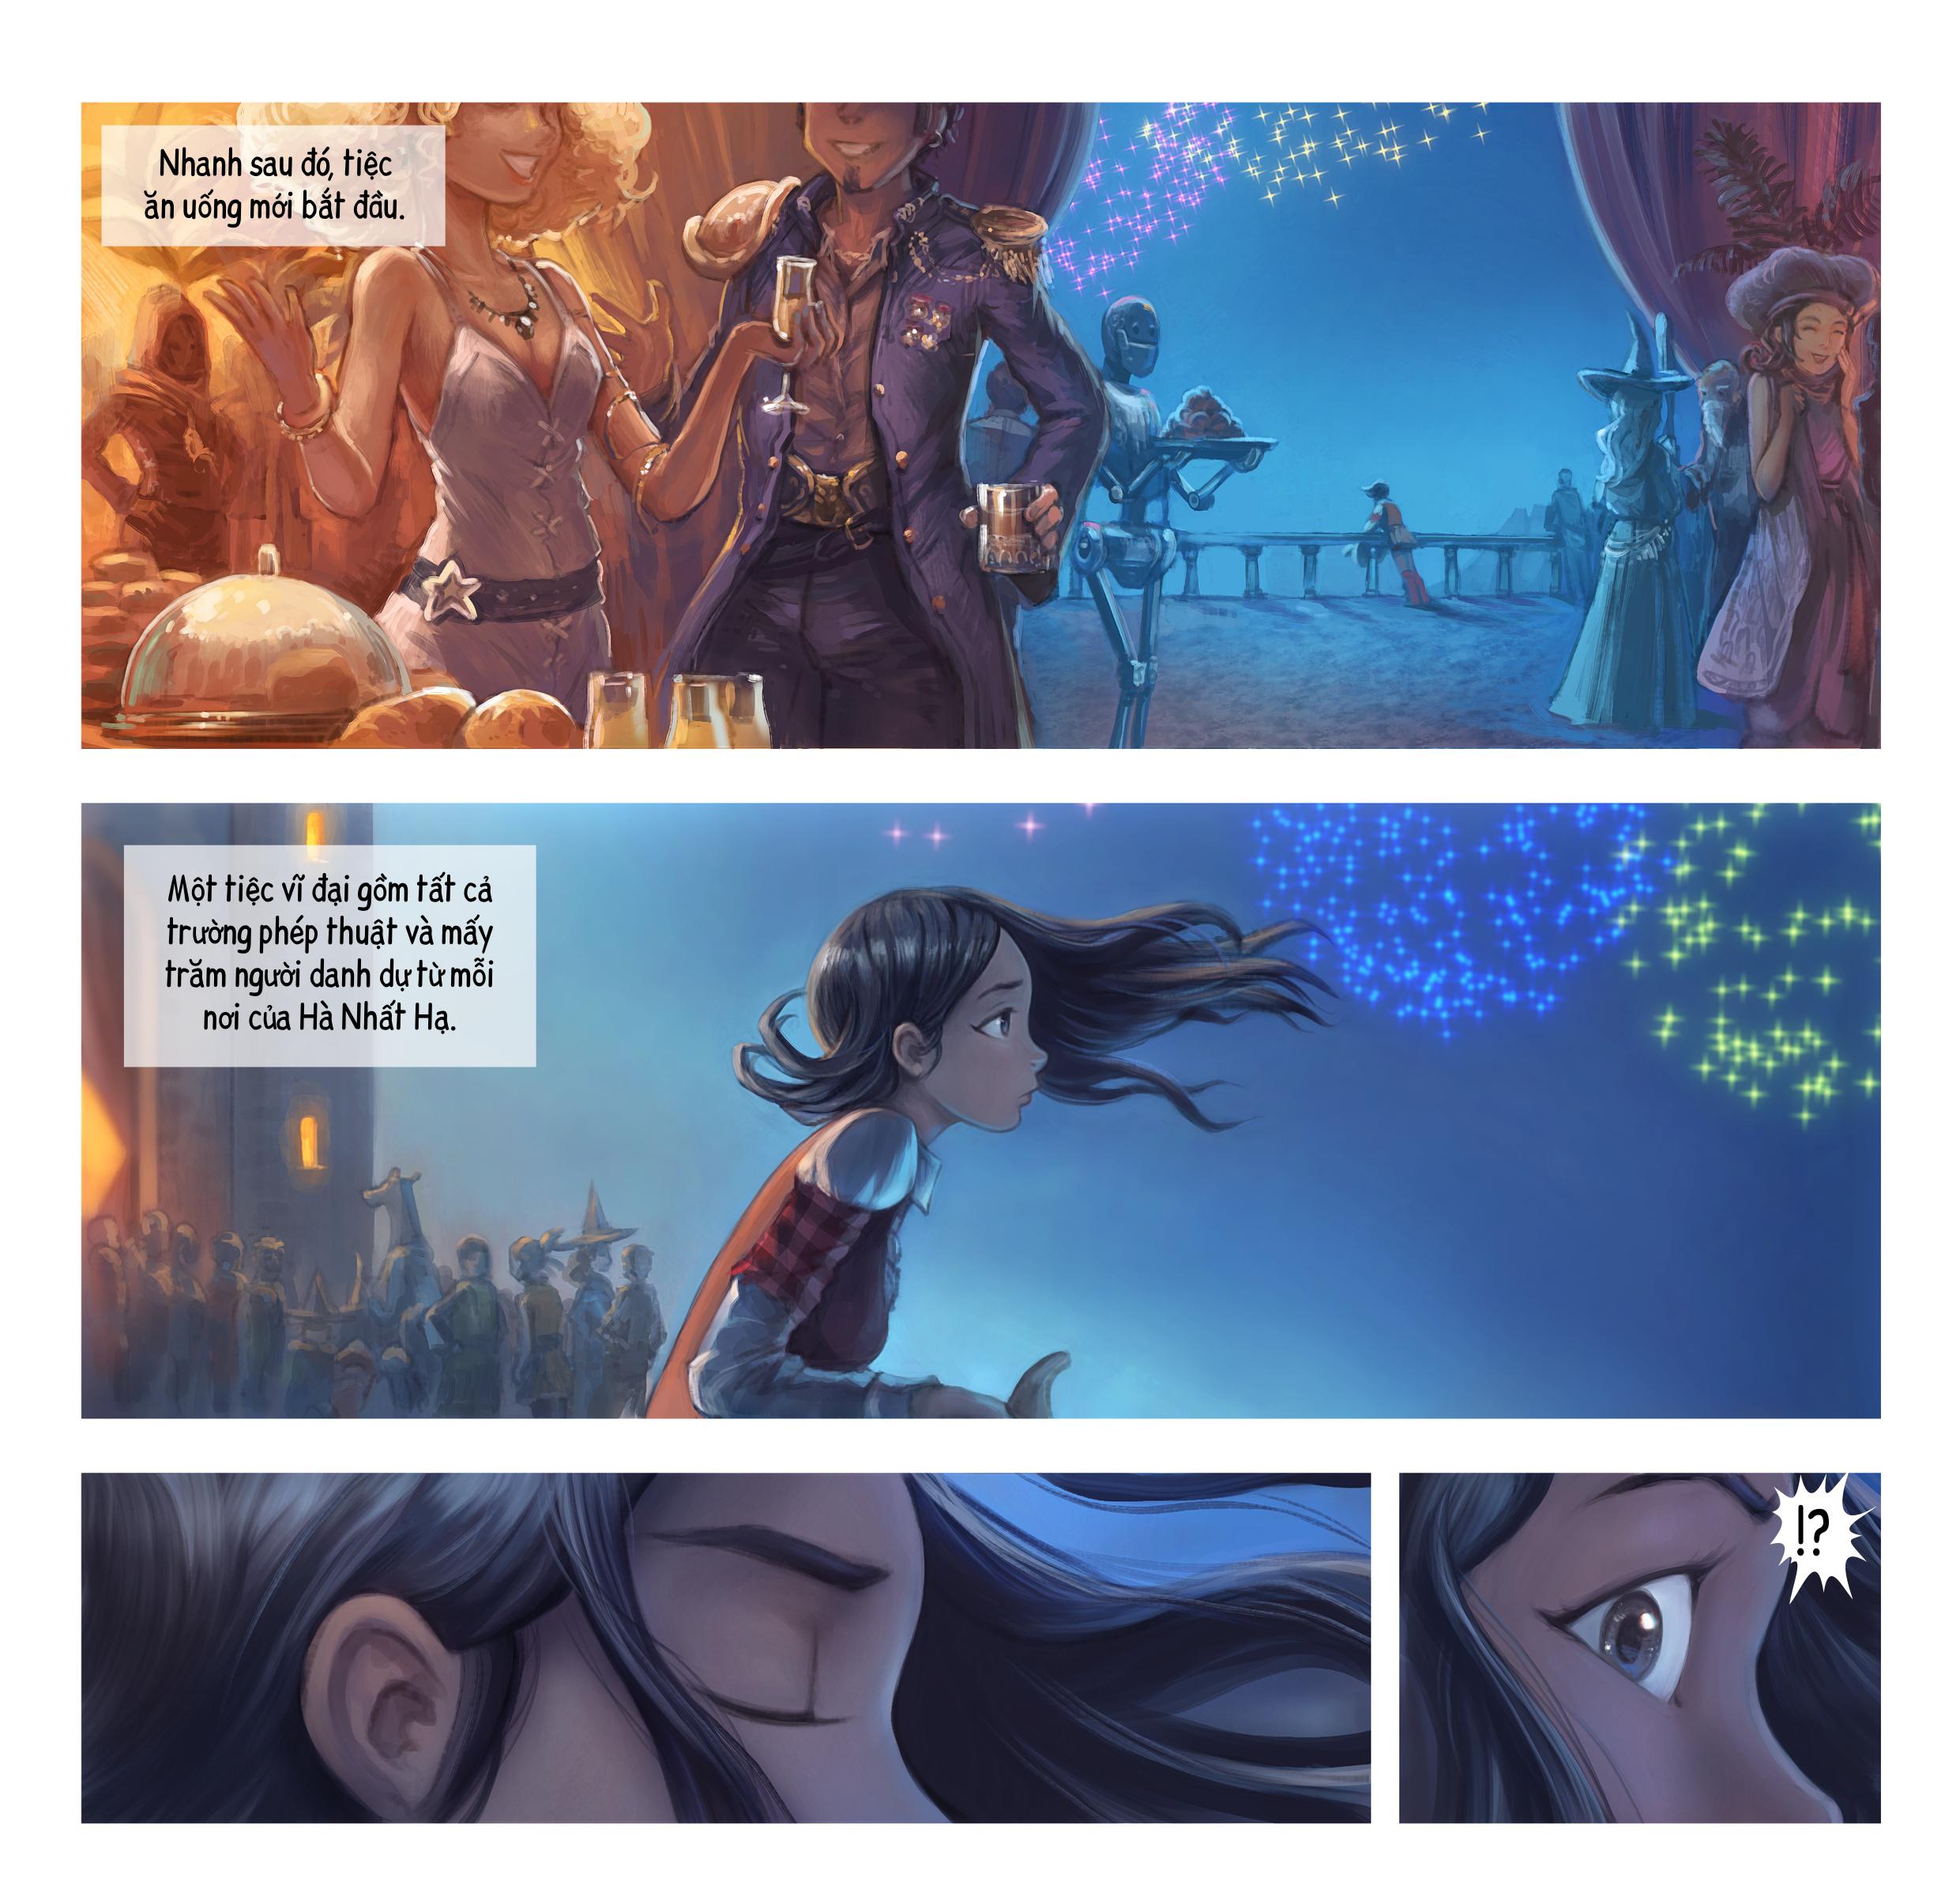 Tập 28: Đám Tiệc, Trang 3